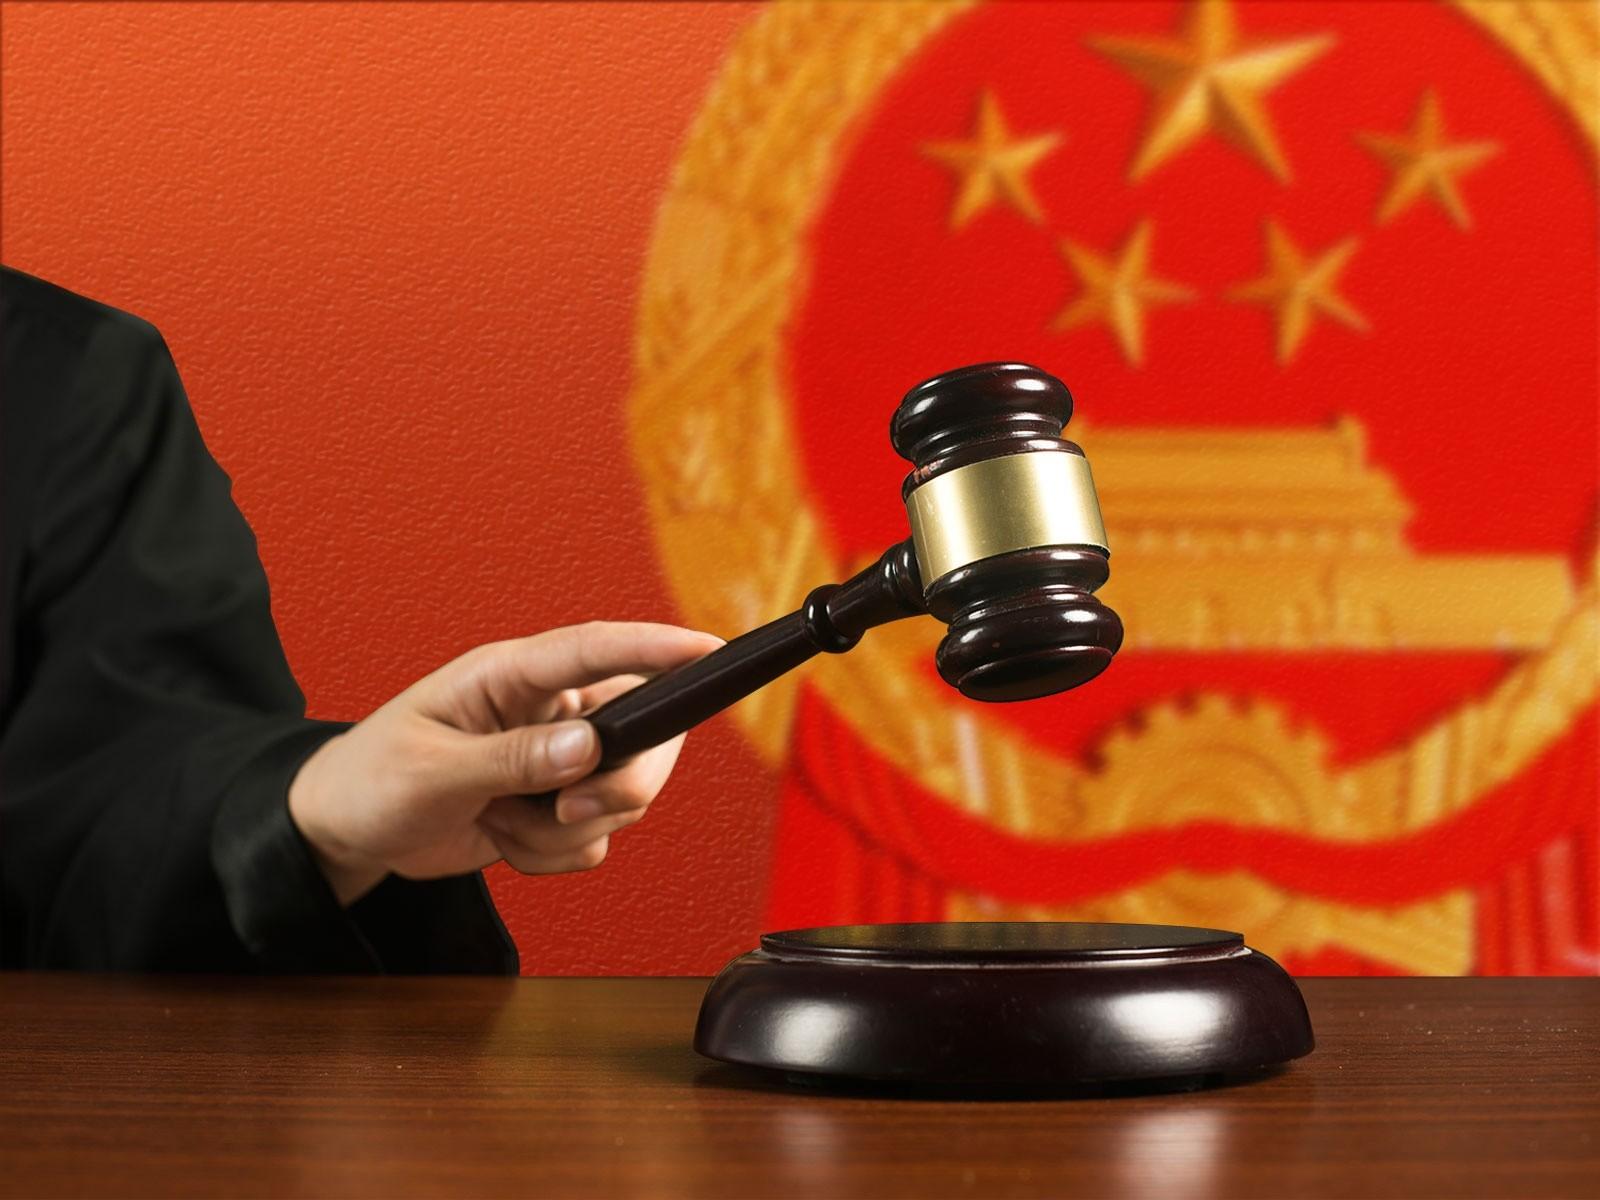 北京英国威廉希尔公司鸿图集团行业新闻——新中国首部民法典即将问世,9部法律将同时废止,影响每一个人!